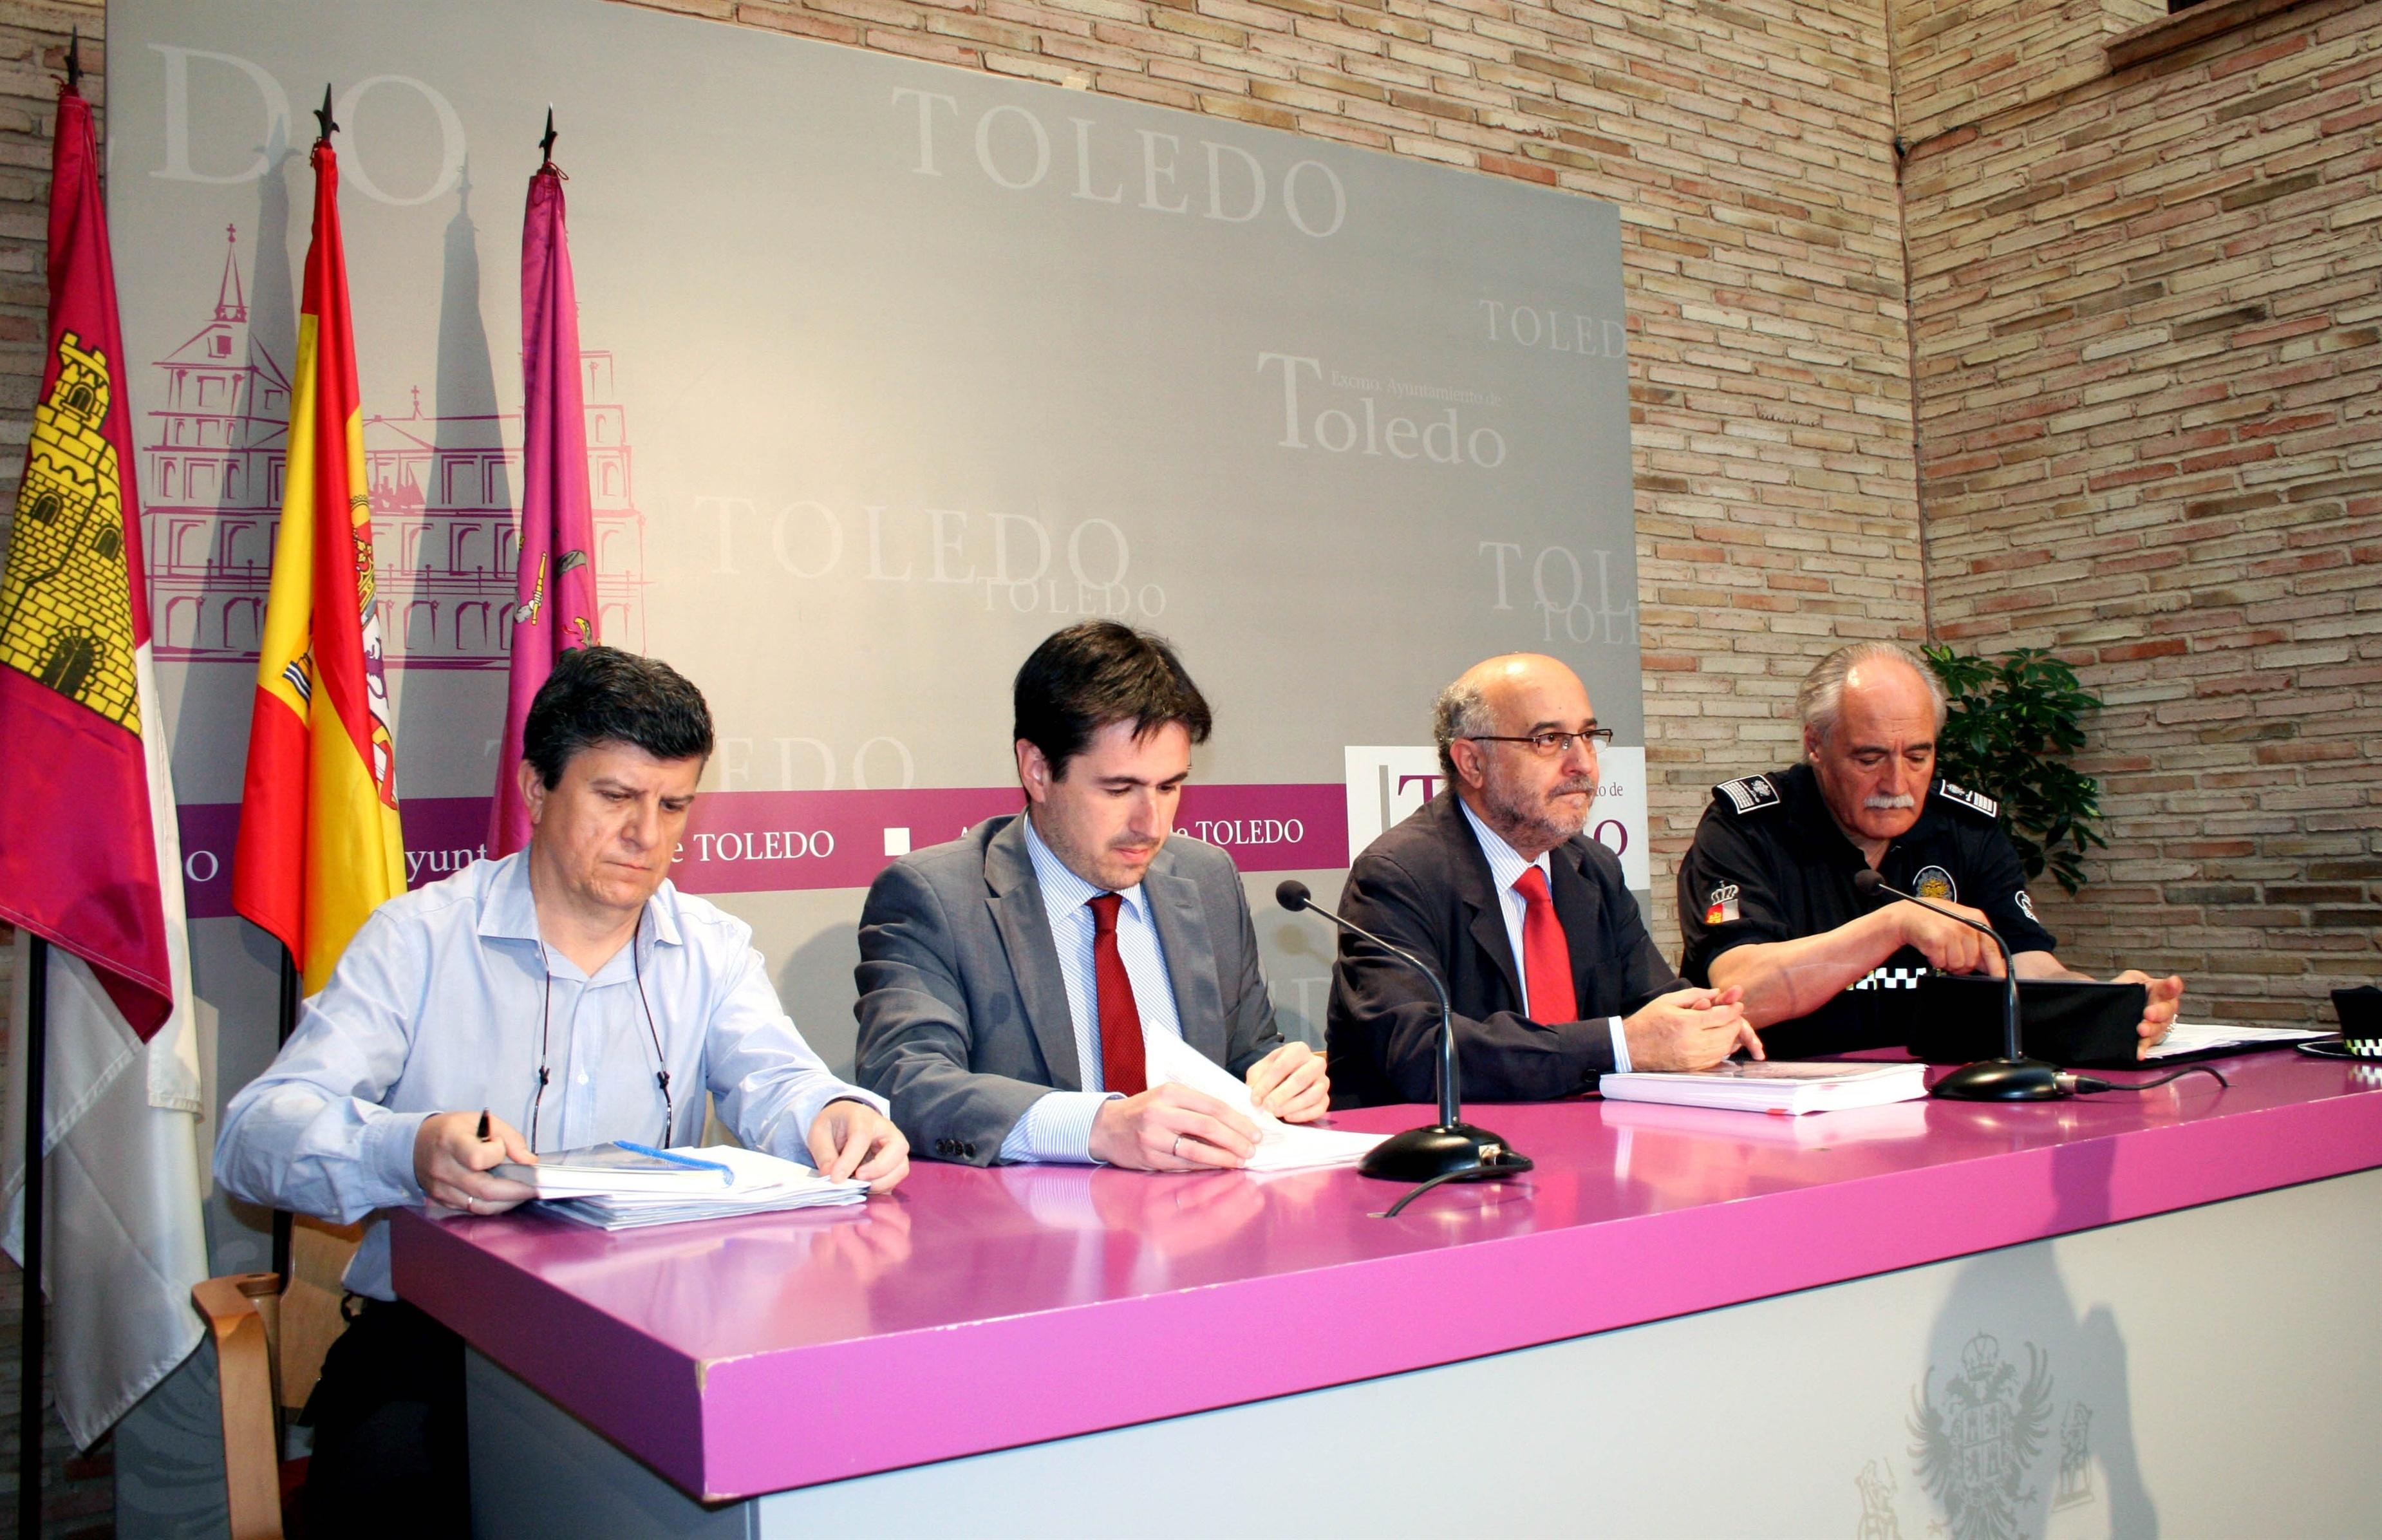 El Ayuntamiento de Toledo colaborará para aplicar el protocolo de la Junta contra la rabia canina